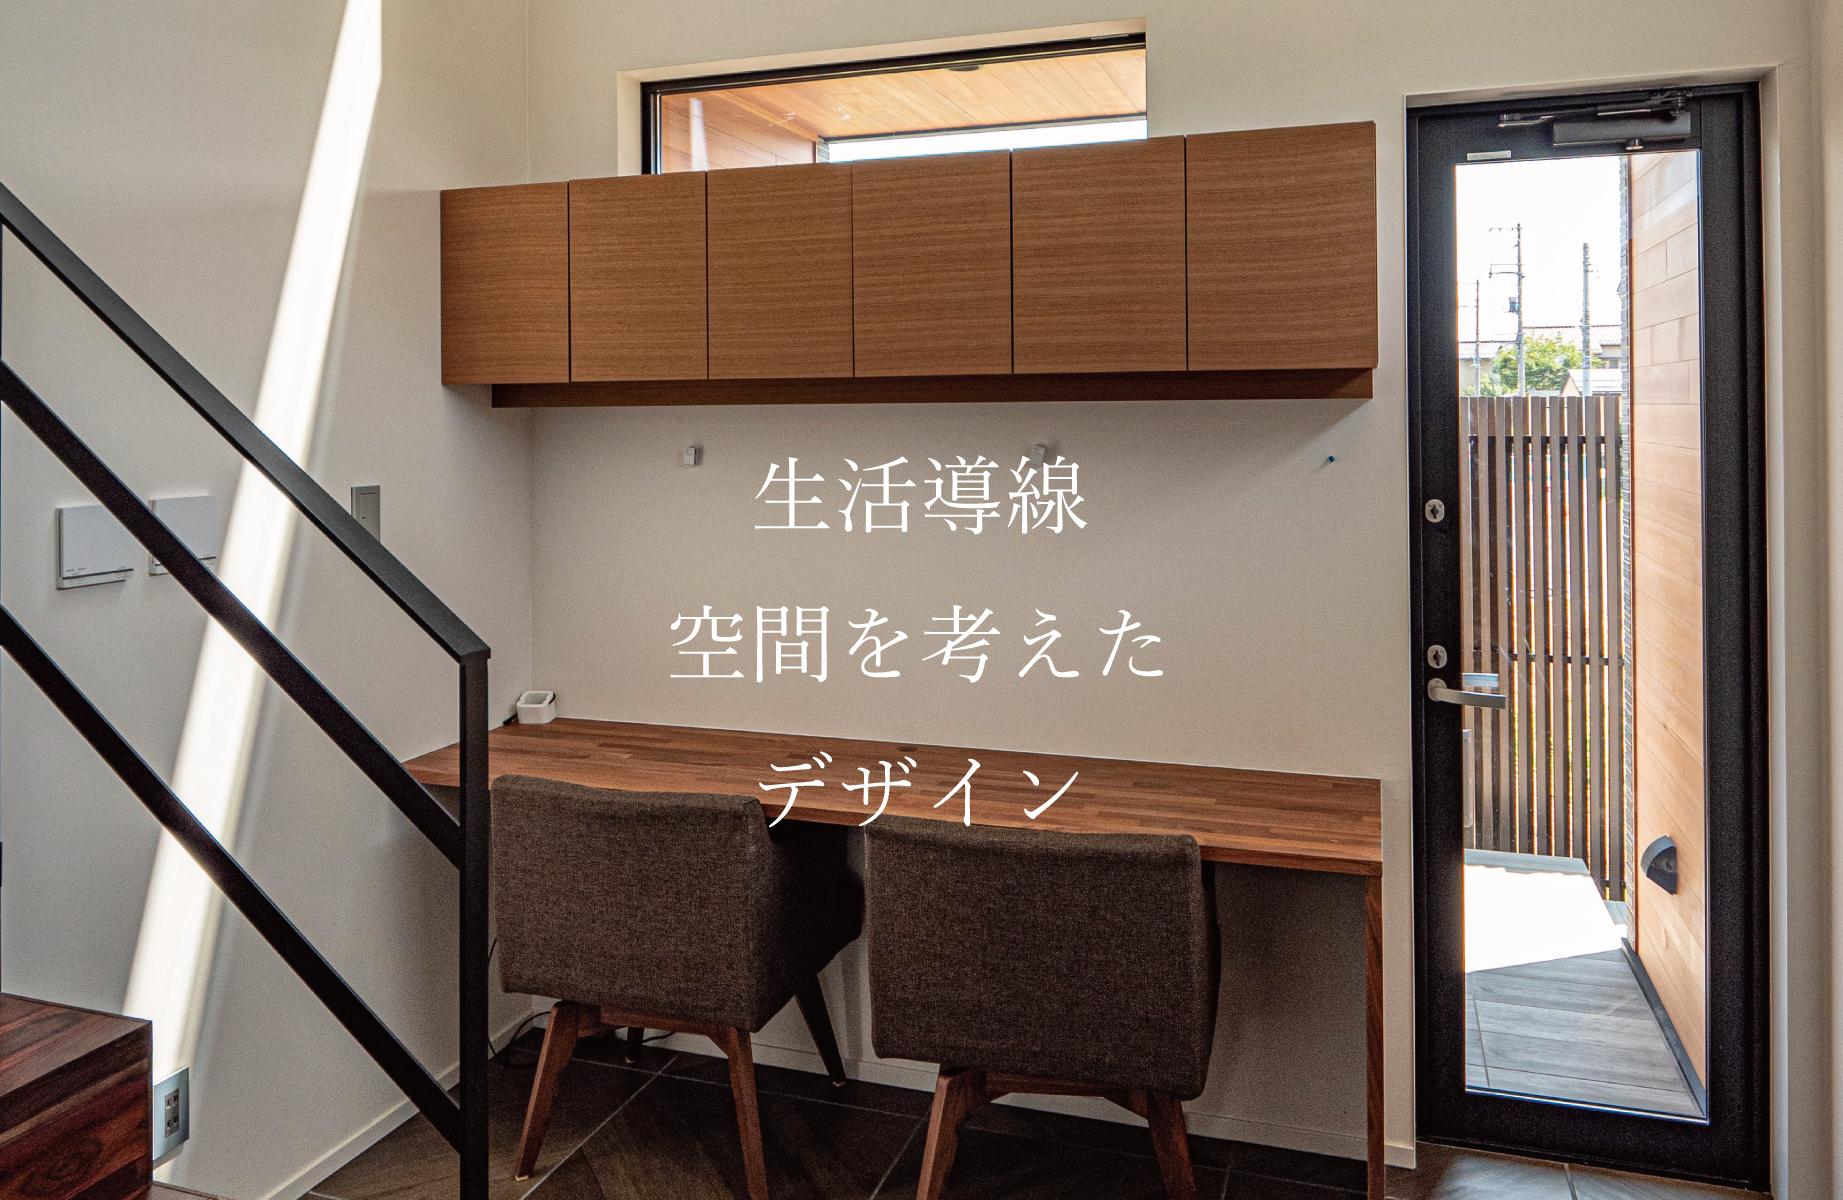 セレクトハウス_生活導線を考えたデザイン